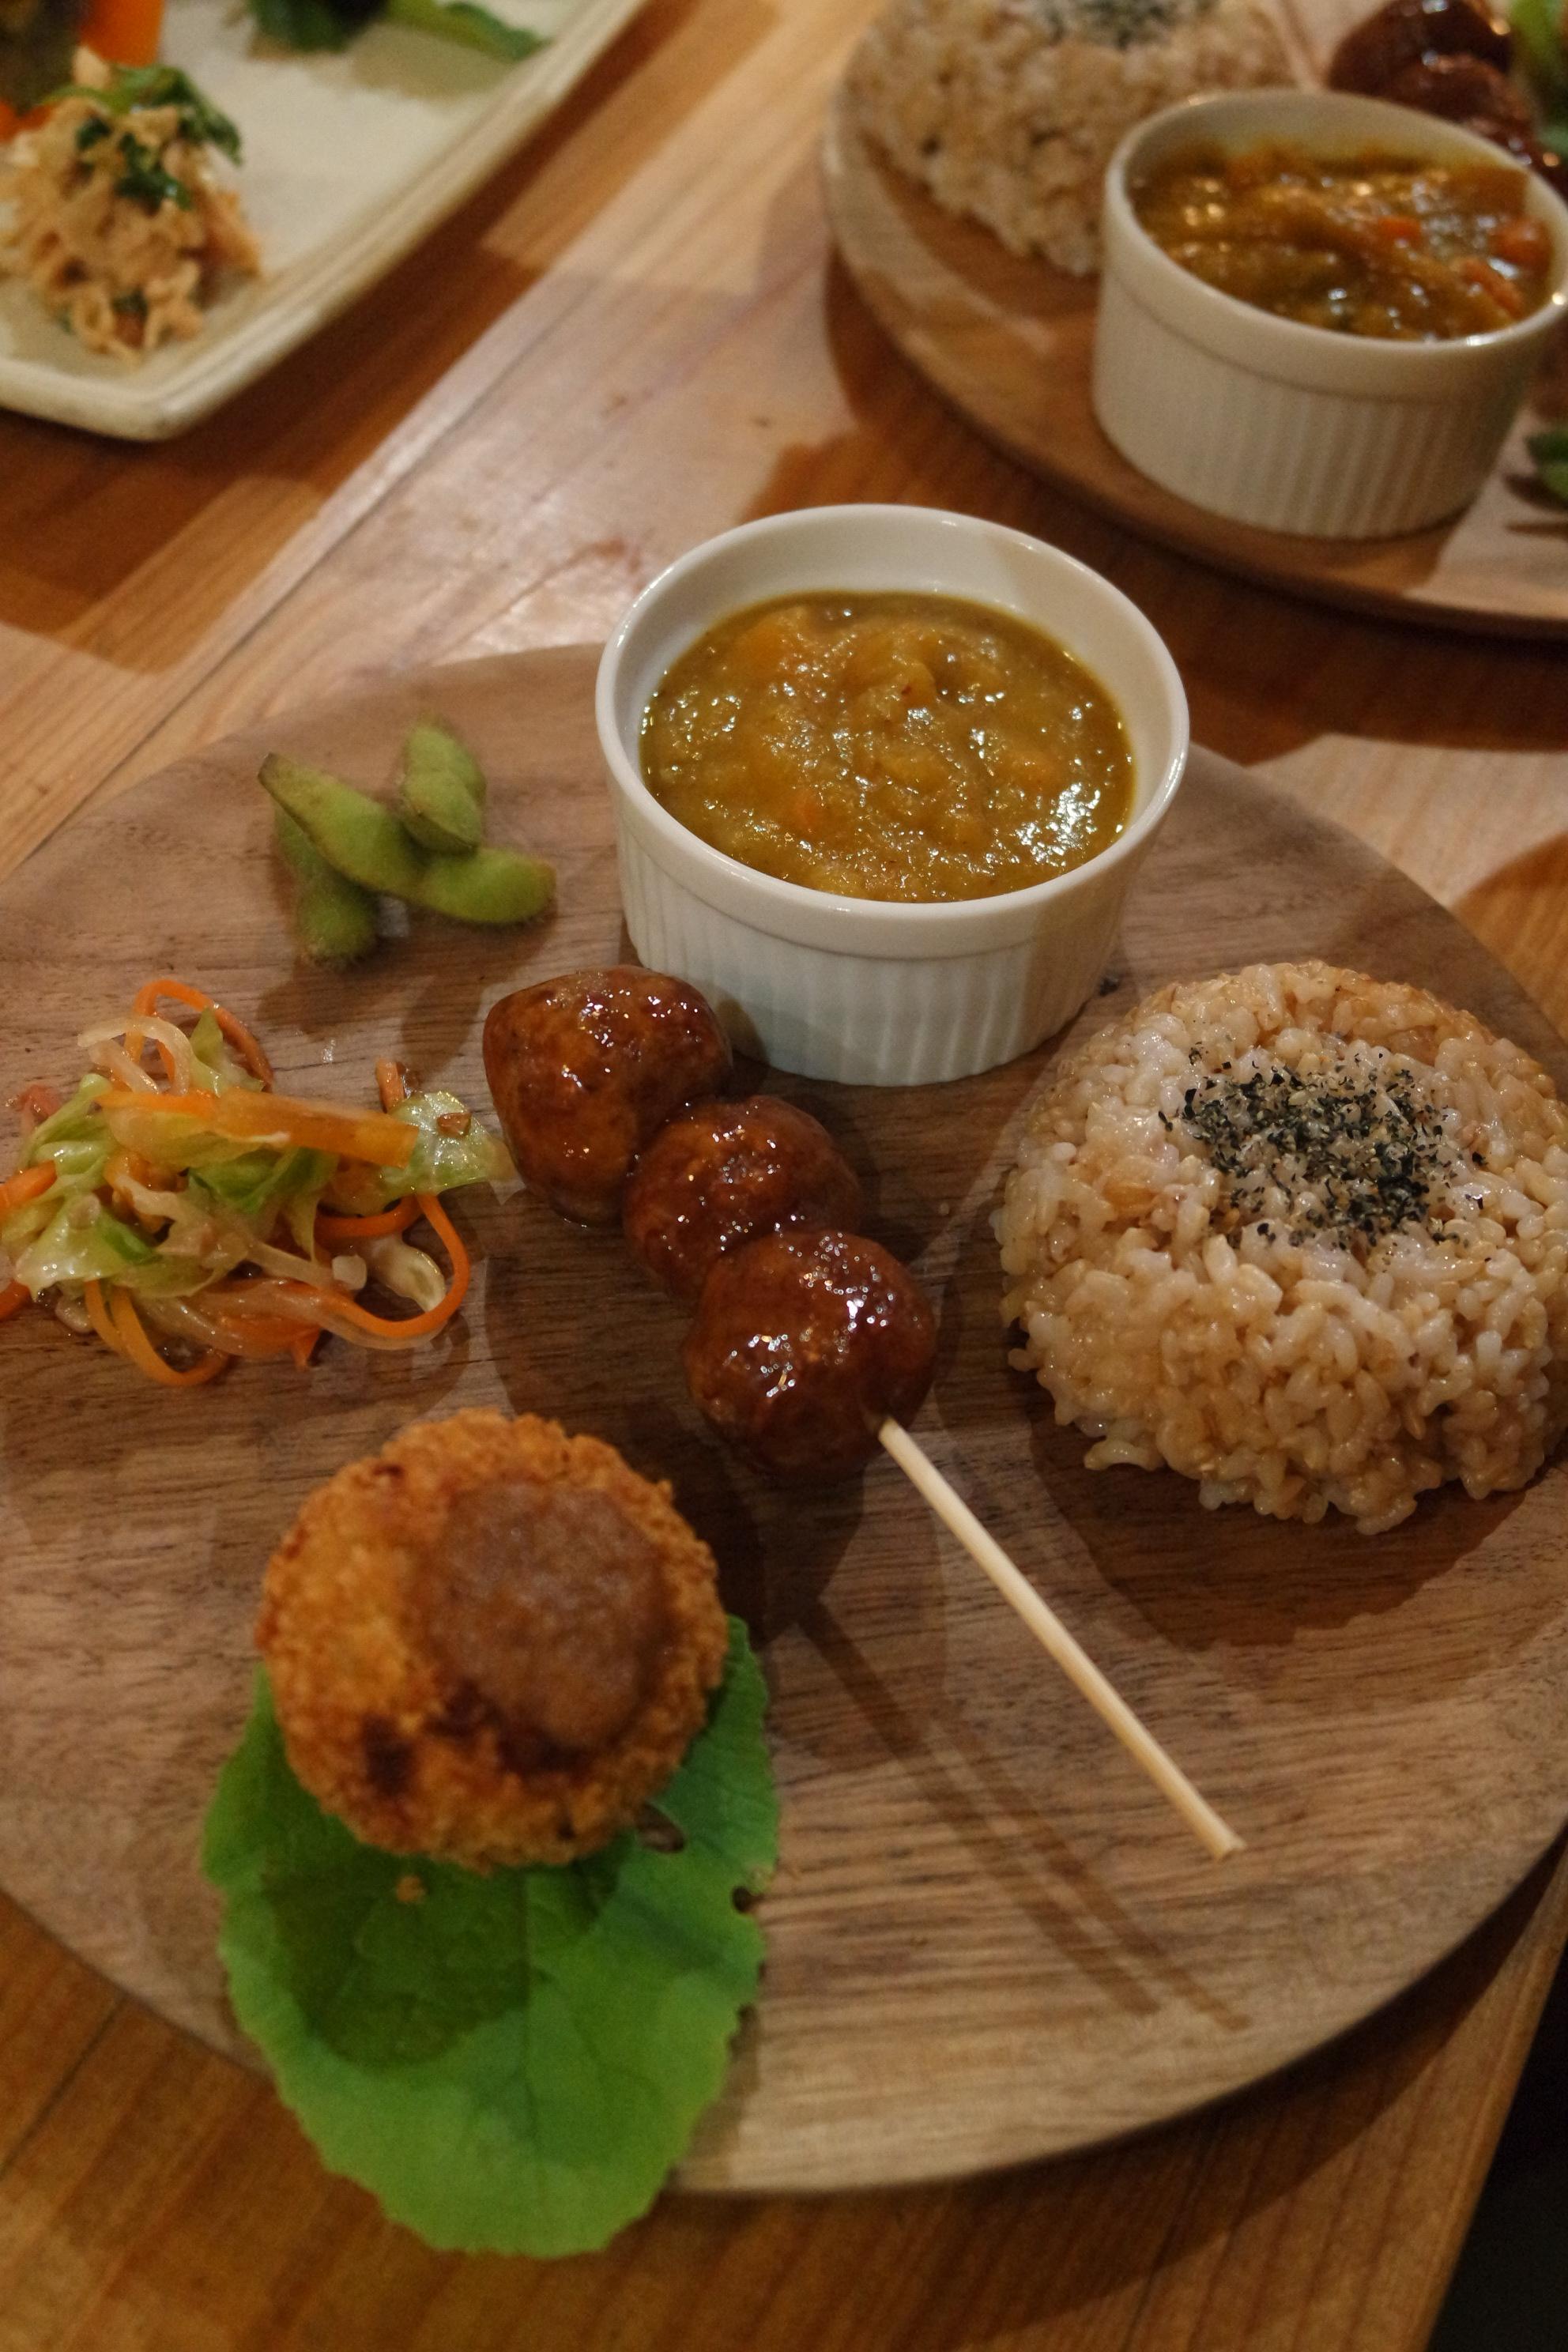 Cours de cuisine japonaise joy - Cours de cuisine japonaise lyon ...